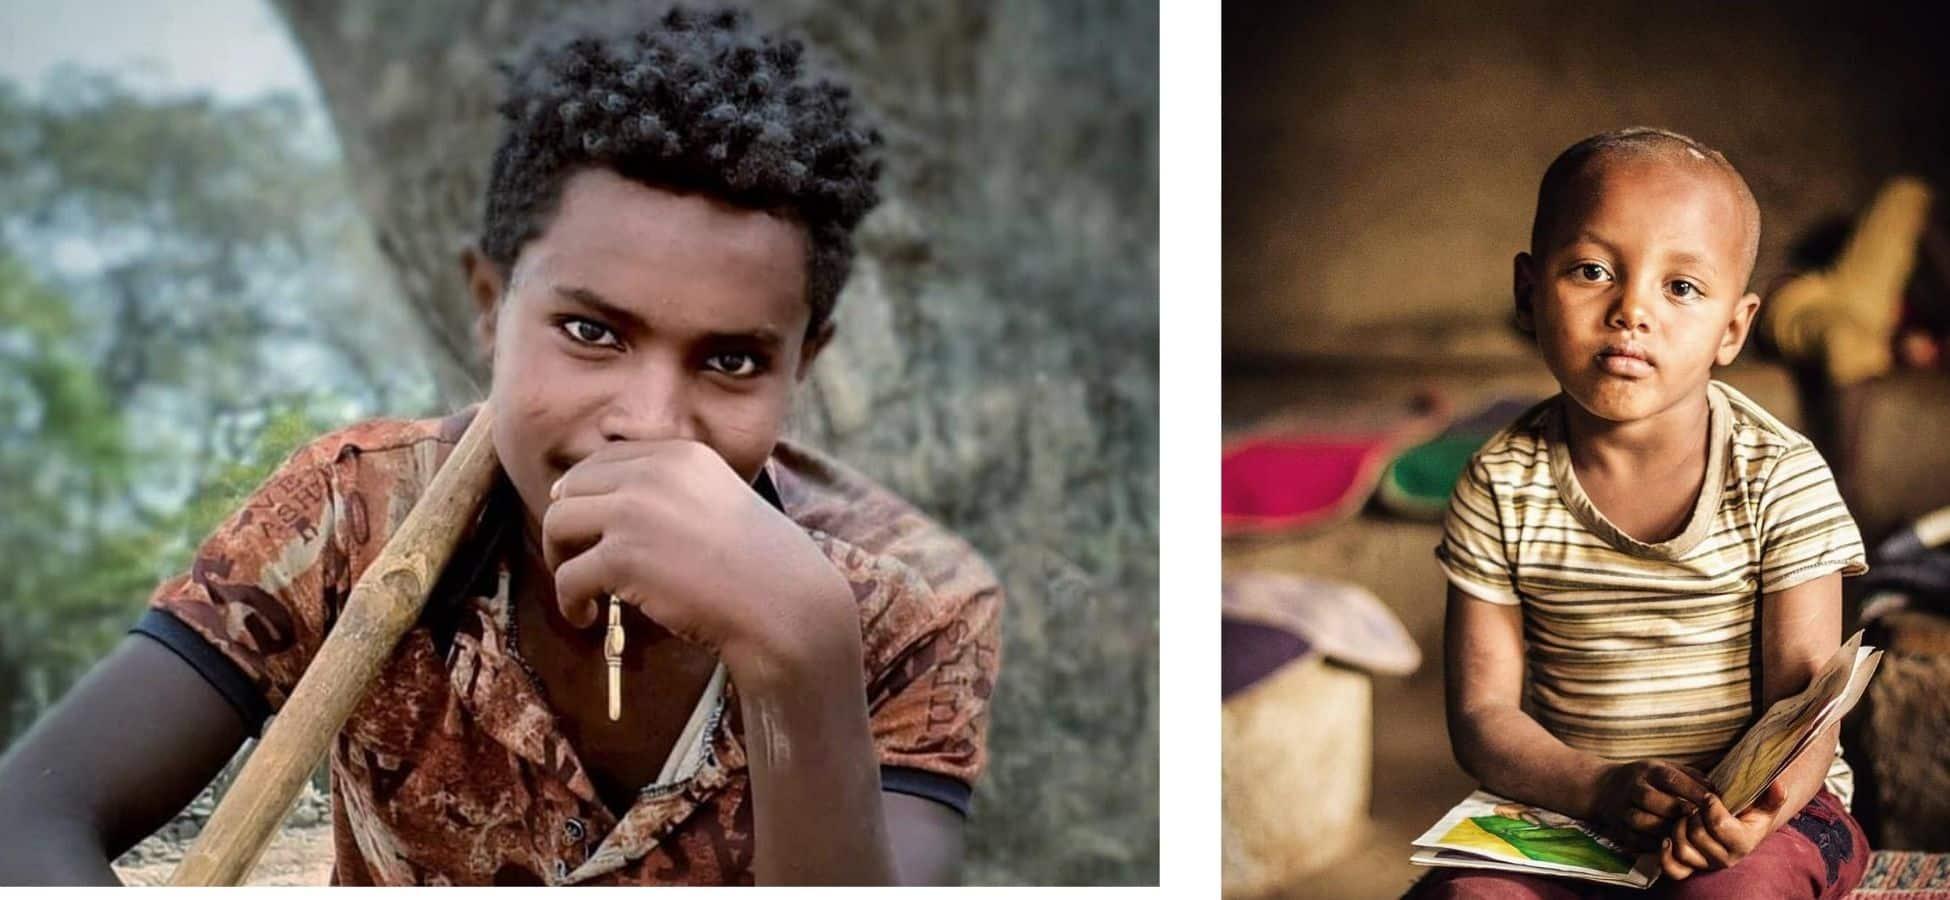 Awra Amba - Éthiopie